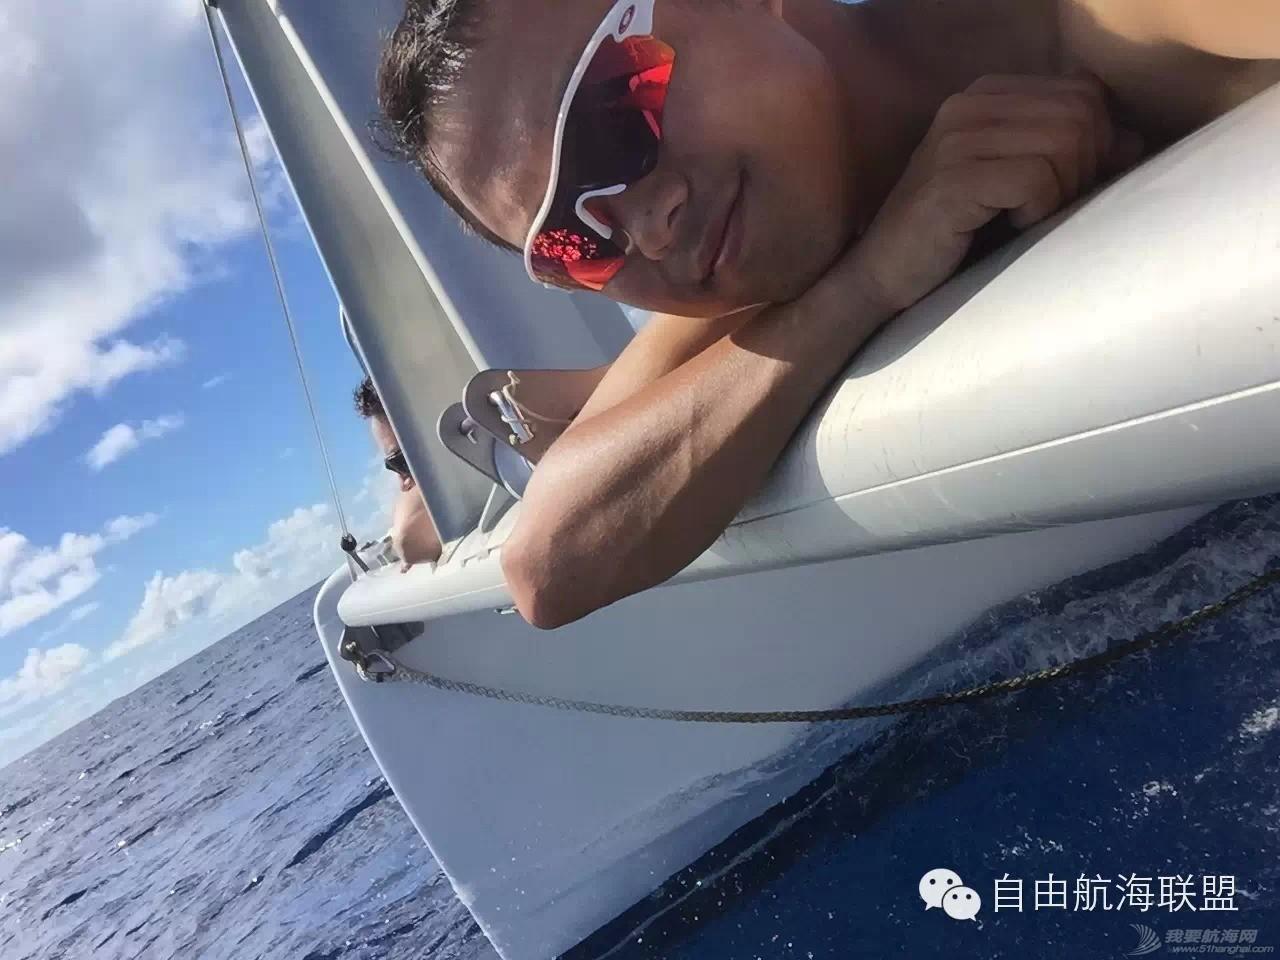 2015年11月——塞舌尔+迪拜,帆船自驾之旅招募书 68f33fb5241cd8e9d8acc8e5c43217db.jpg